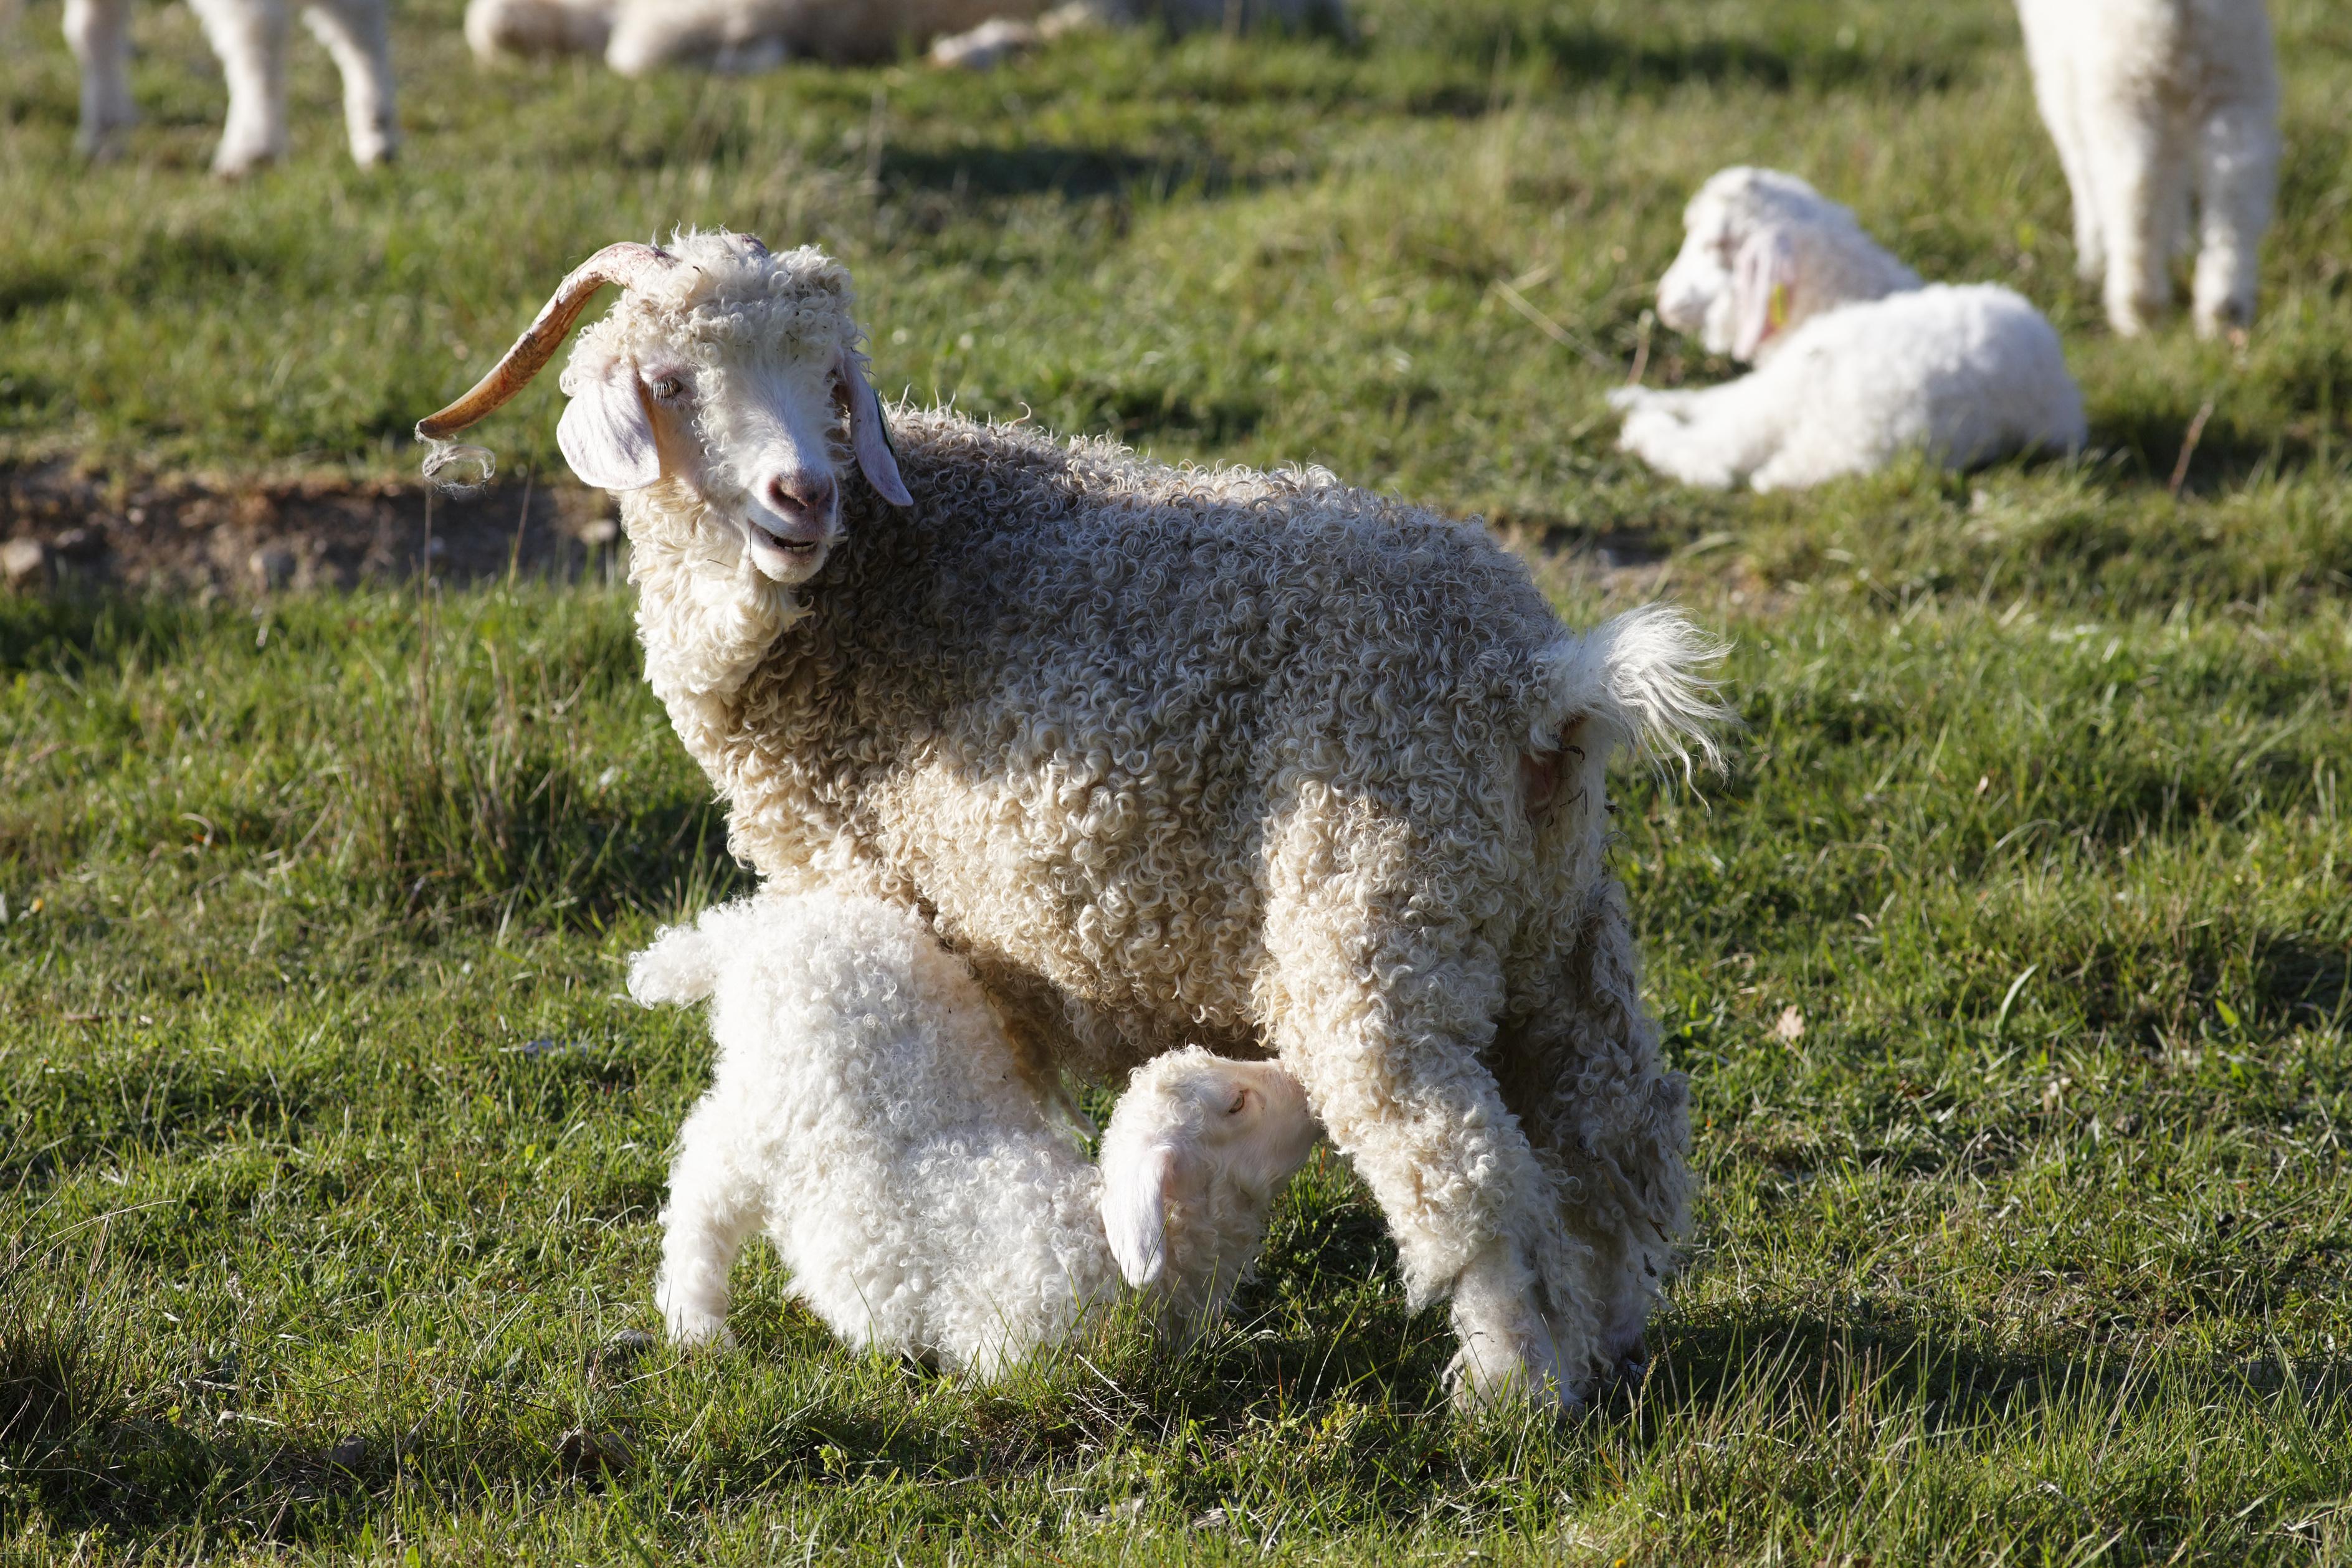 A legnagyobb divatcégek bojkottálják a mohergyapjút, miután végignézték, hogyan kínozzák a farmerek a kecskéket